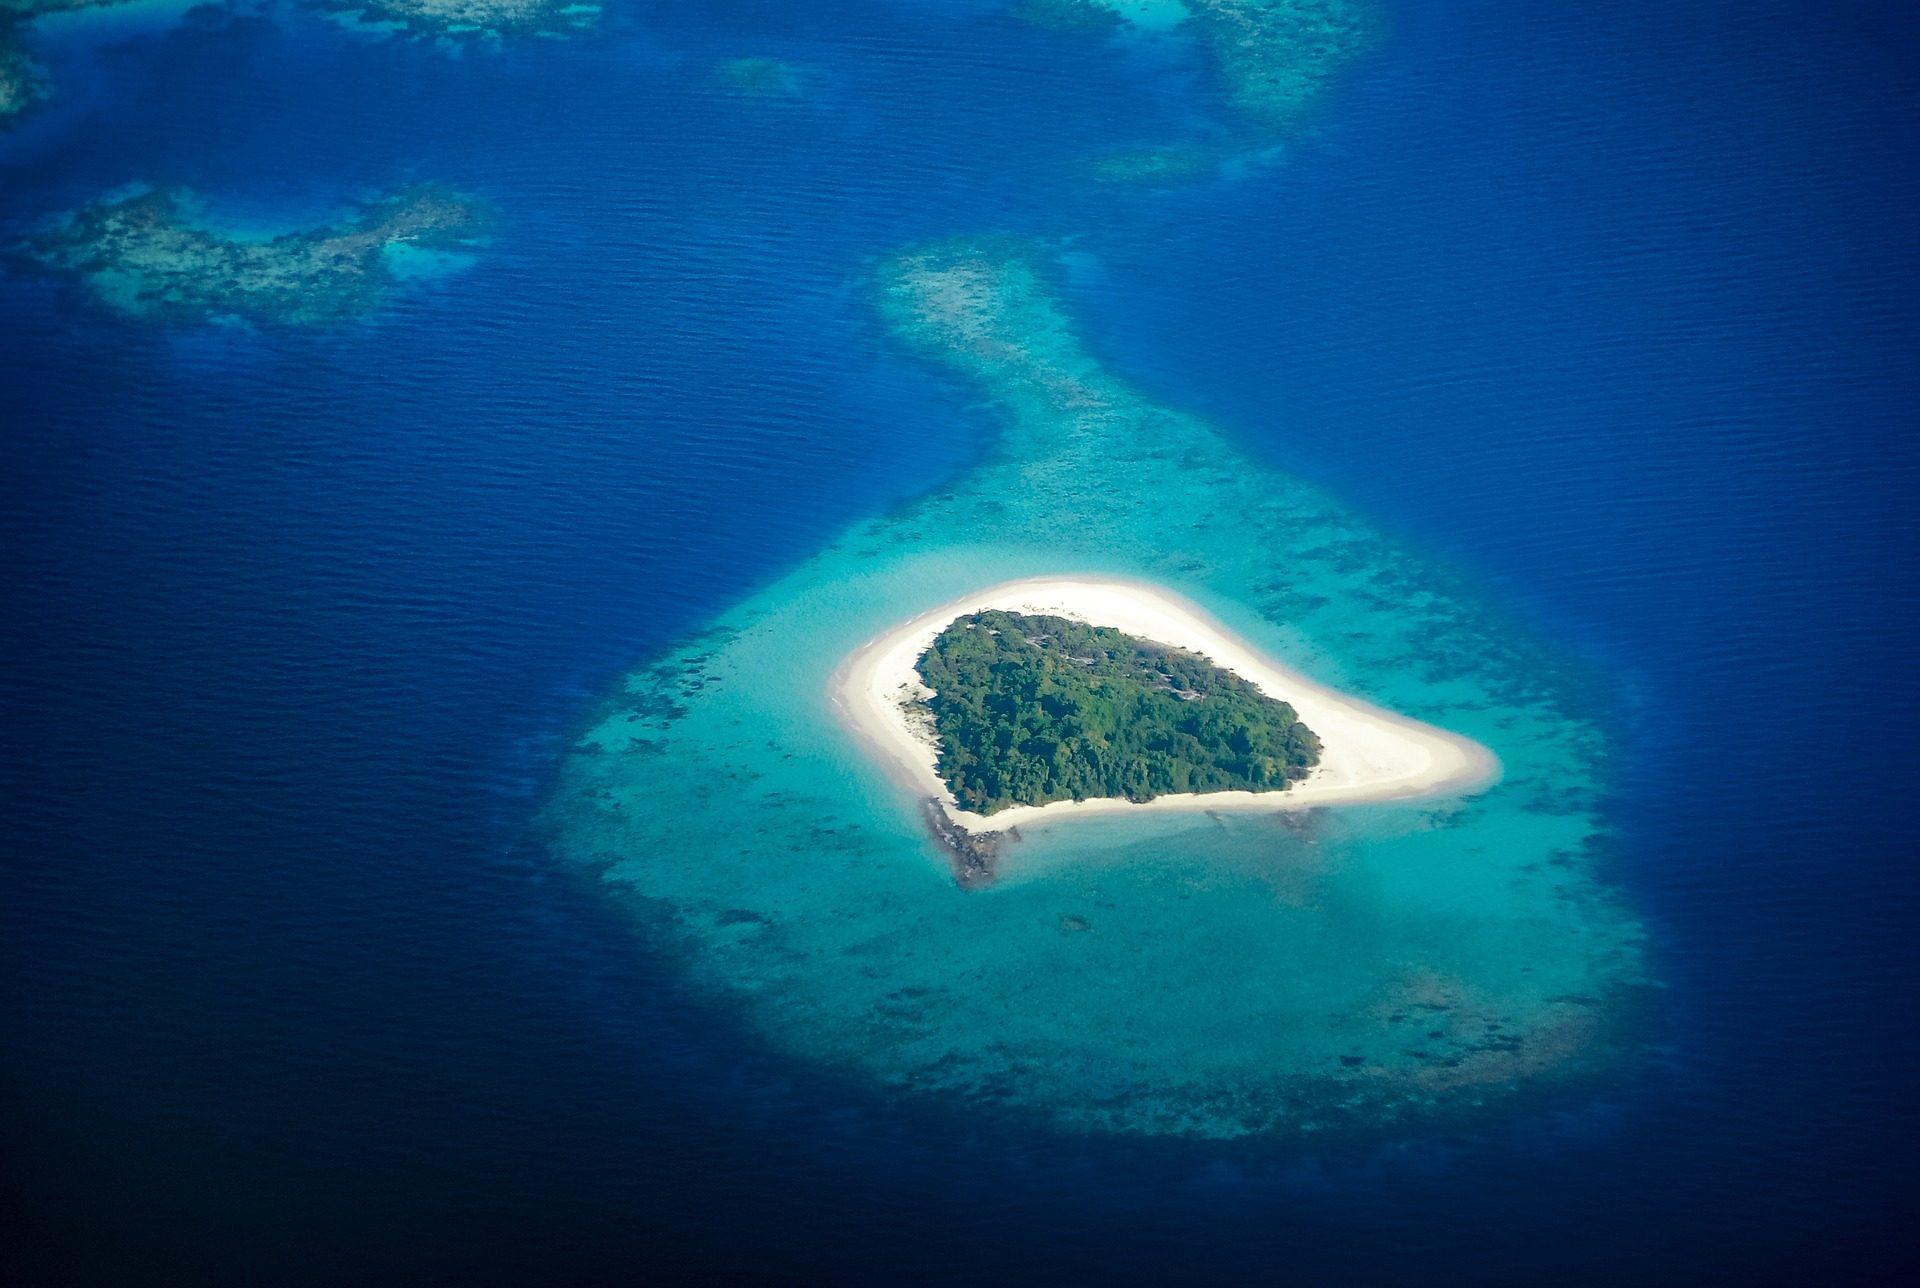 岛屿, 岛, 群岛, 海, 海洋, 水 - 高清壁纸 - 教授-falken.com